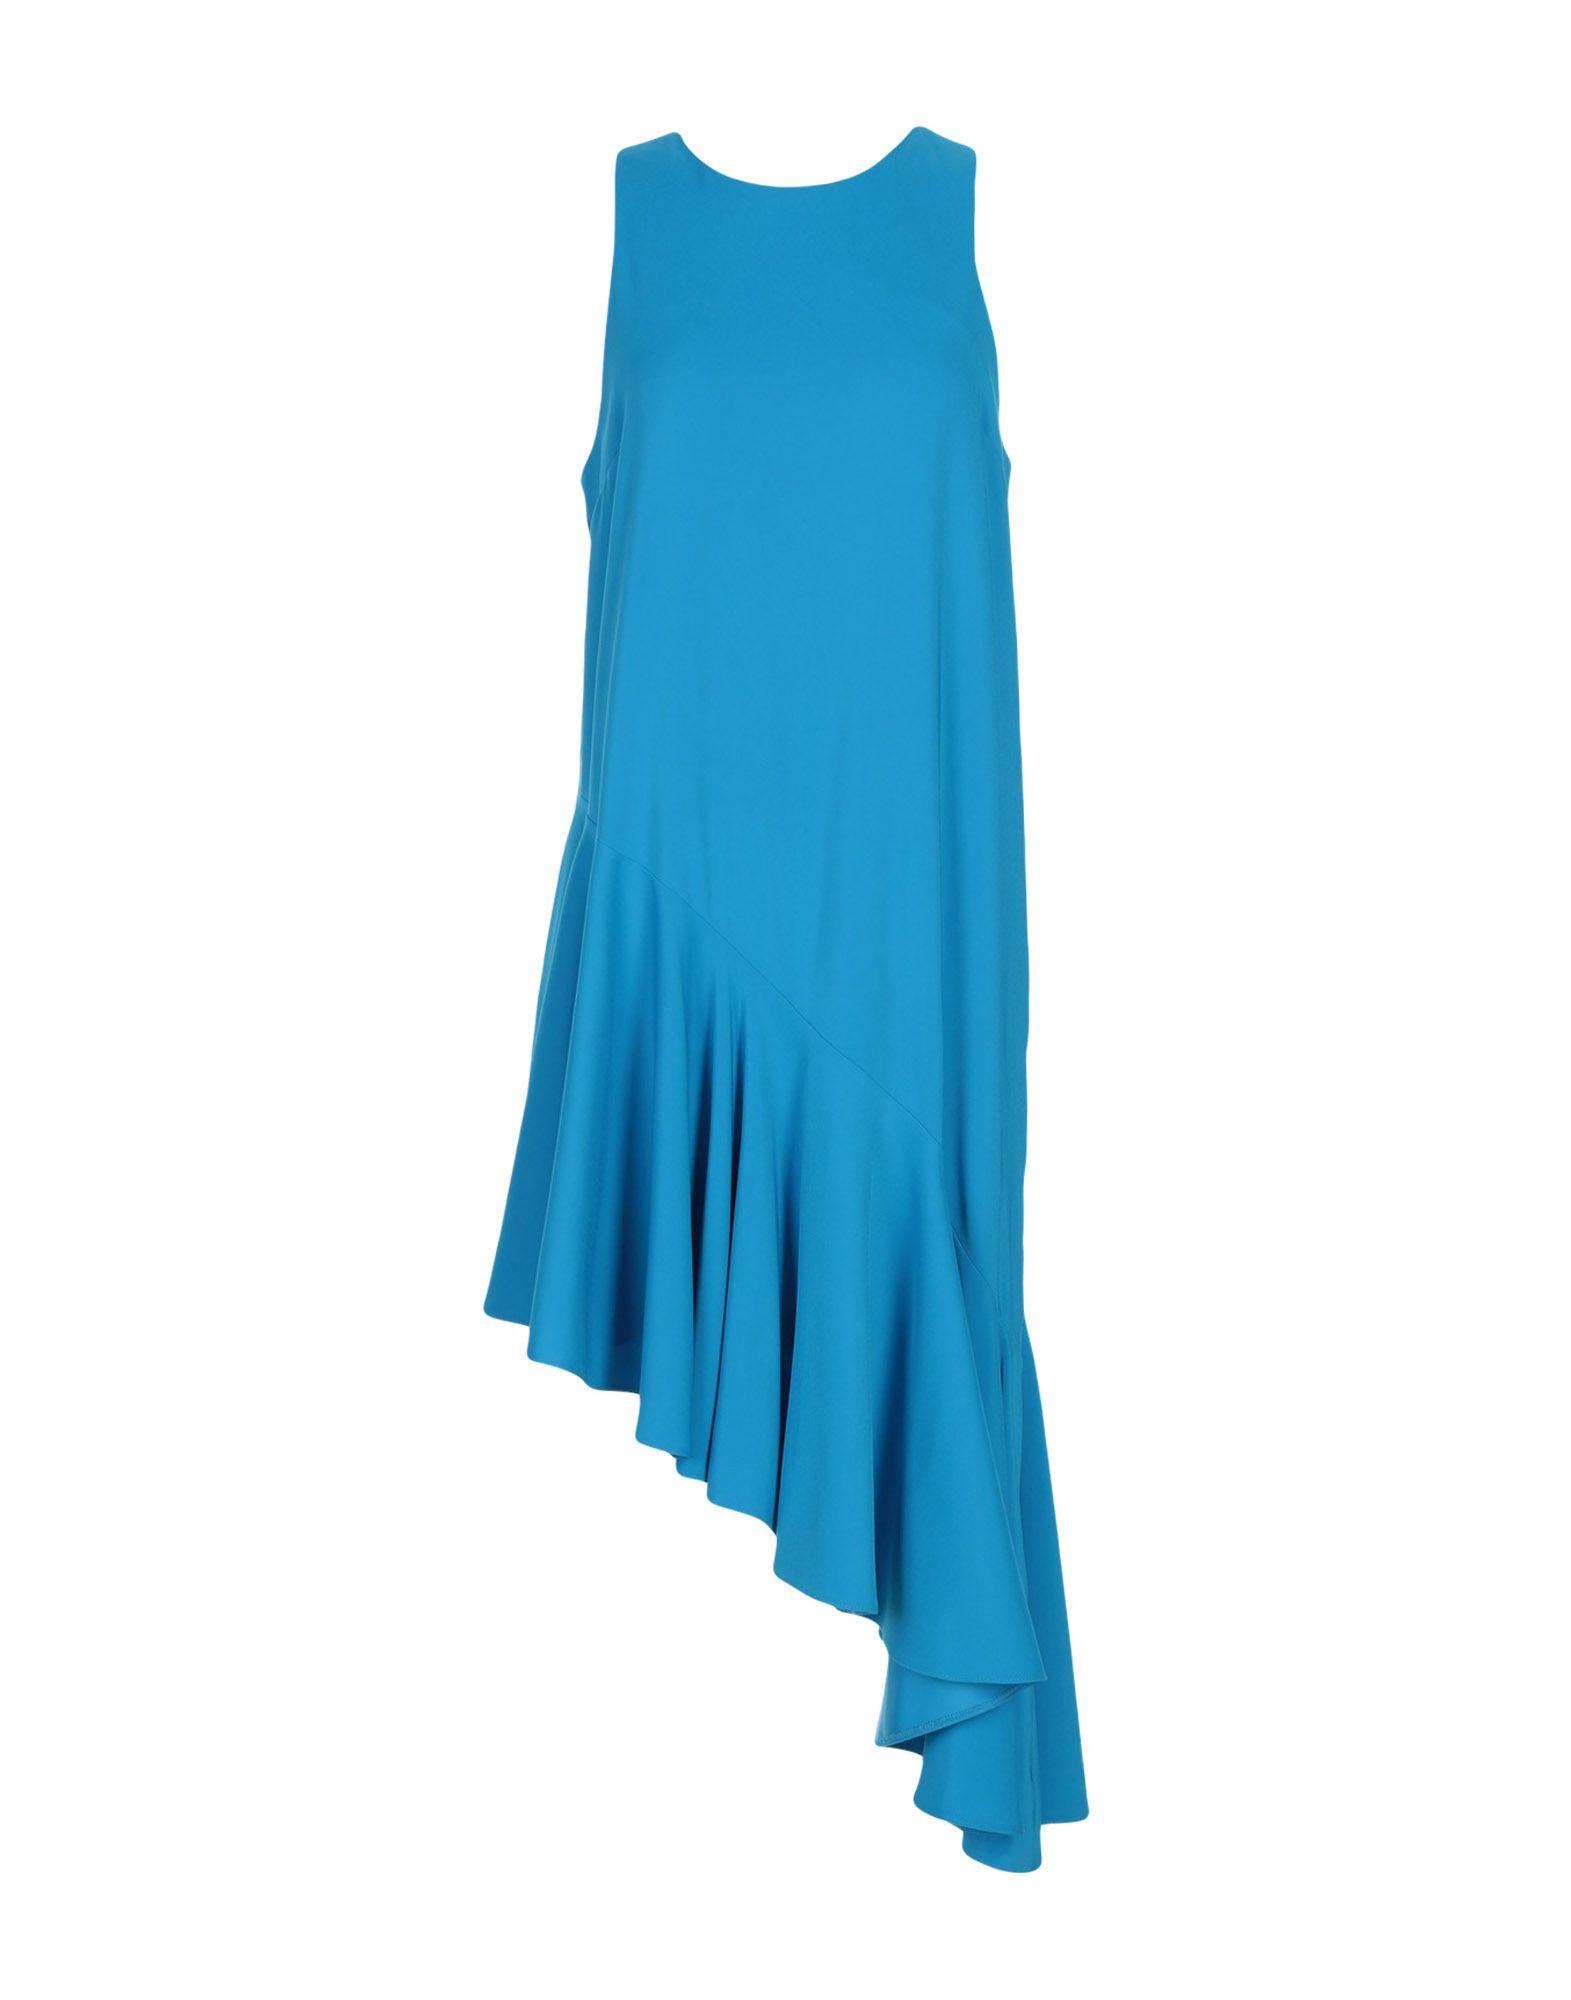 TOPSHOP Платье до колена платье для беременных topshop 4 24